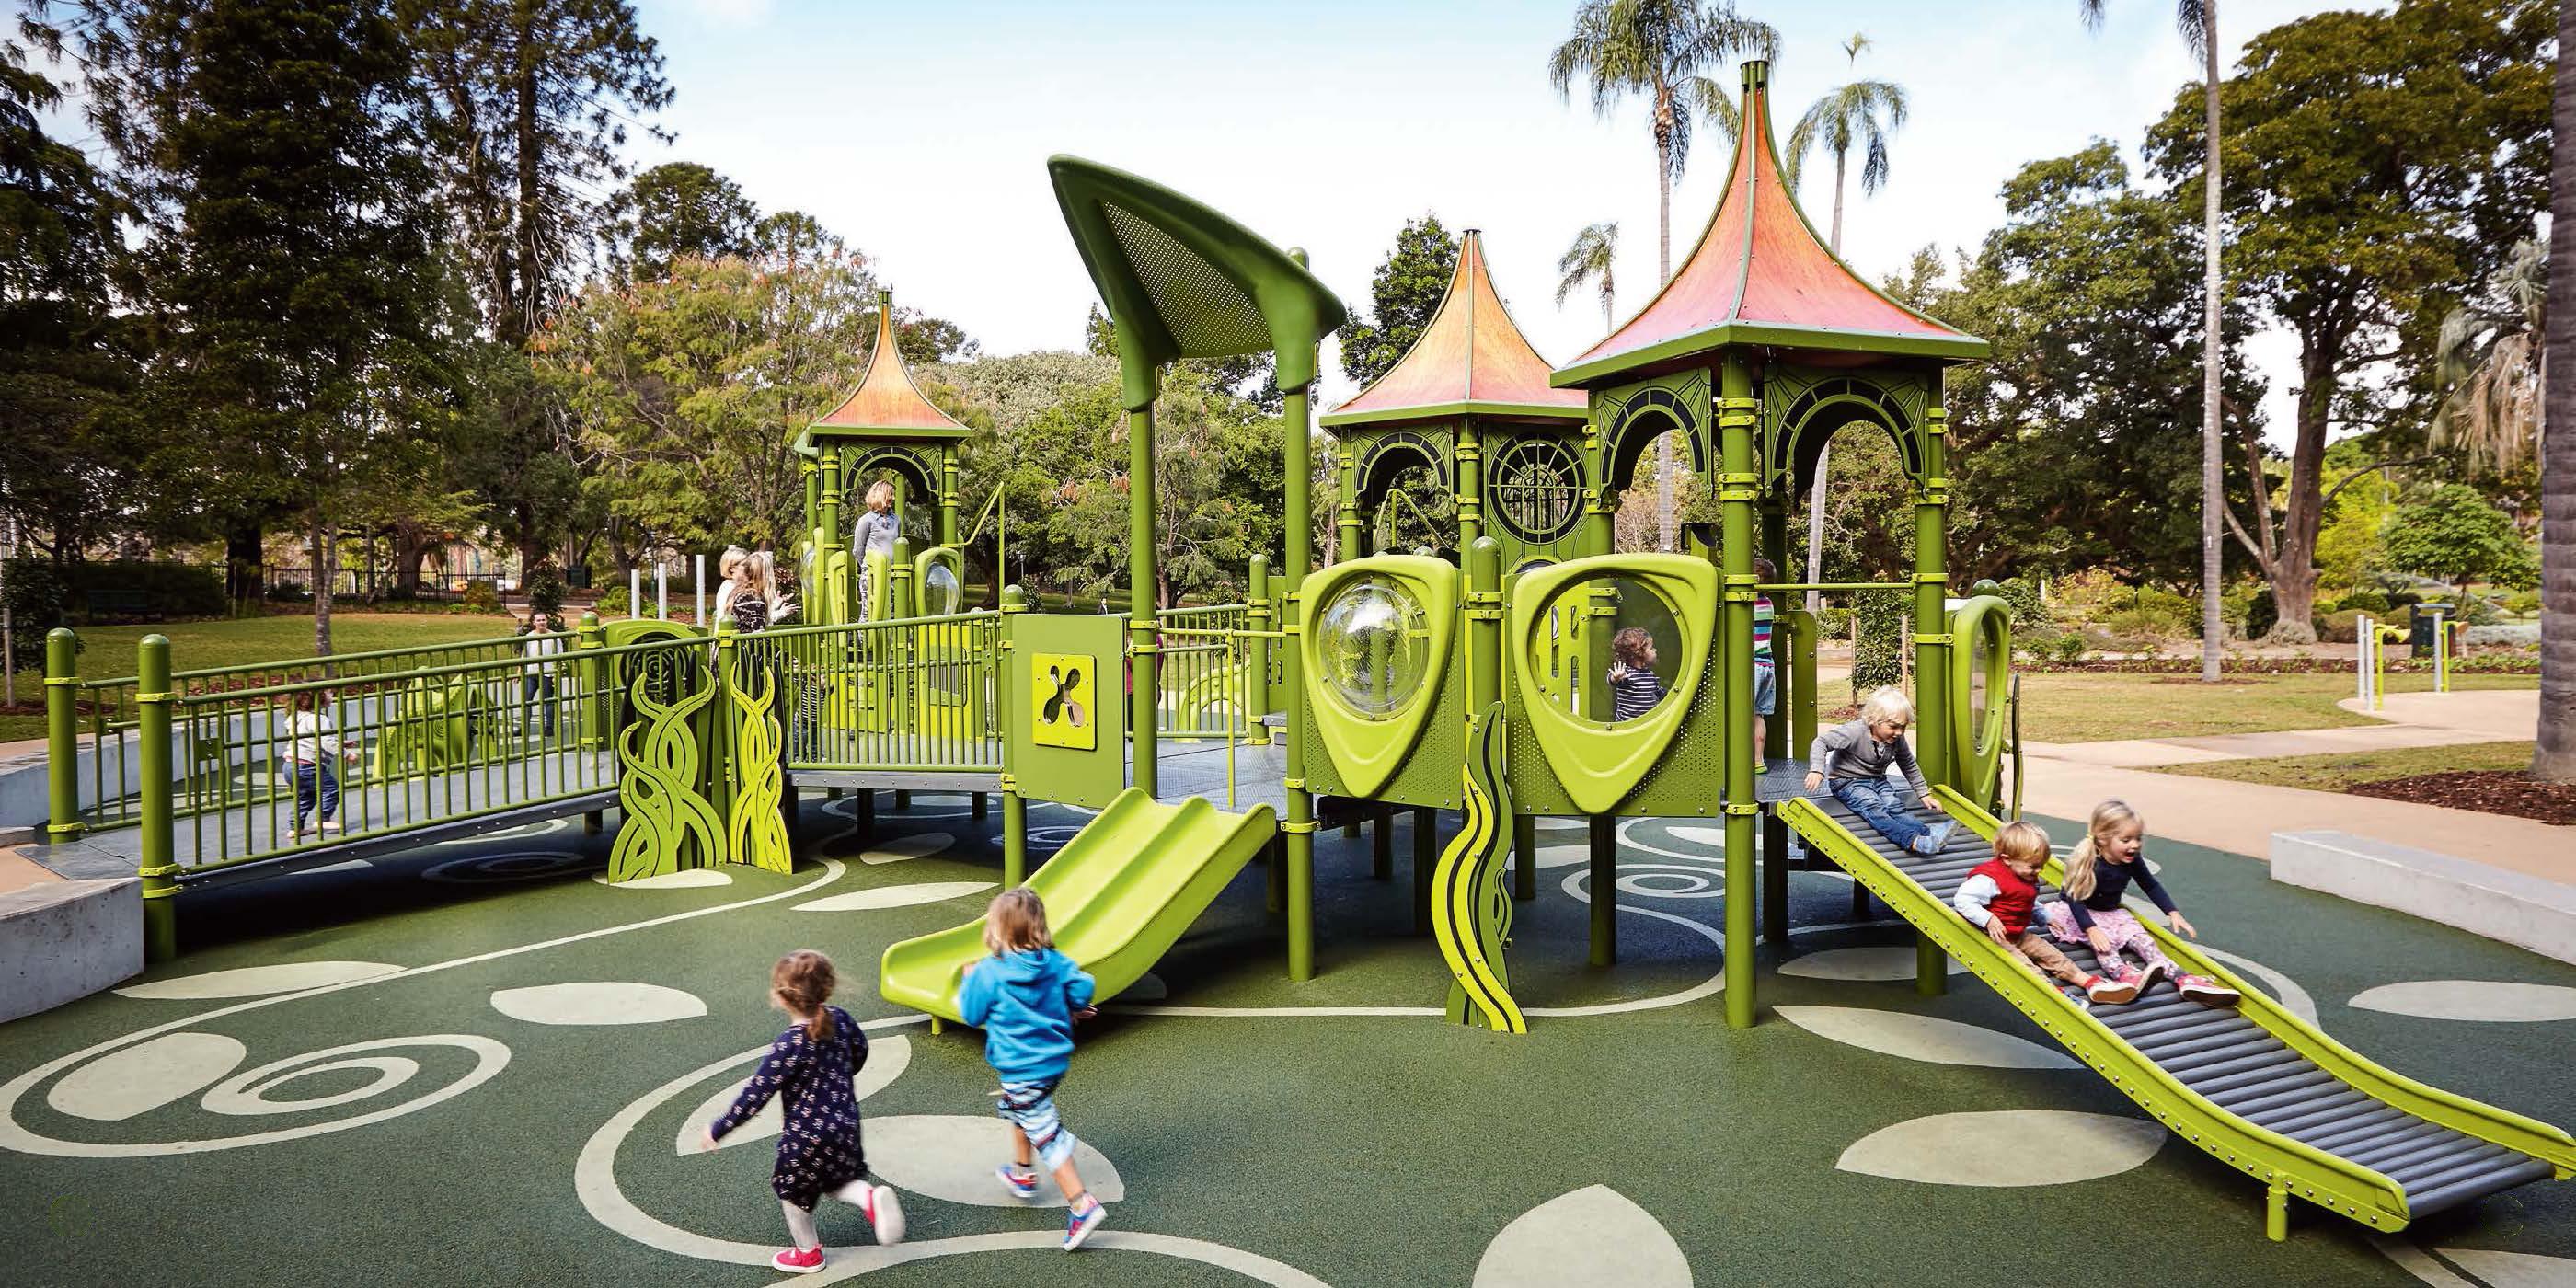 Playground Equipment